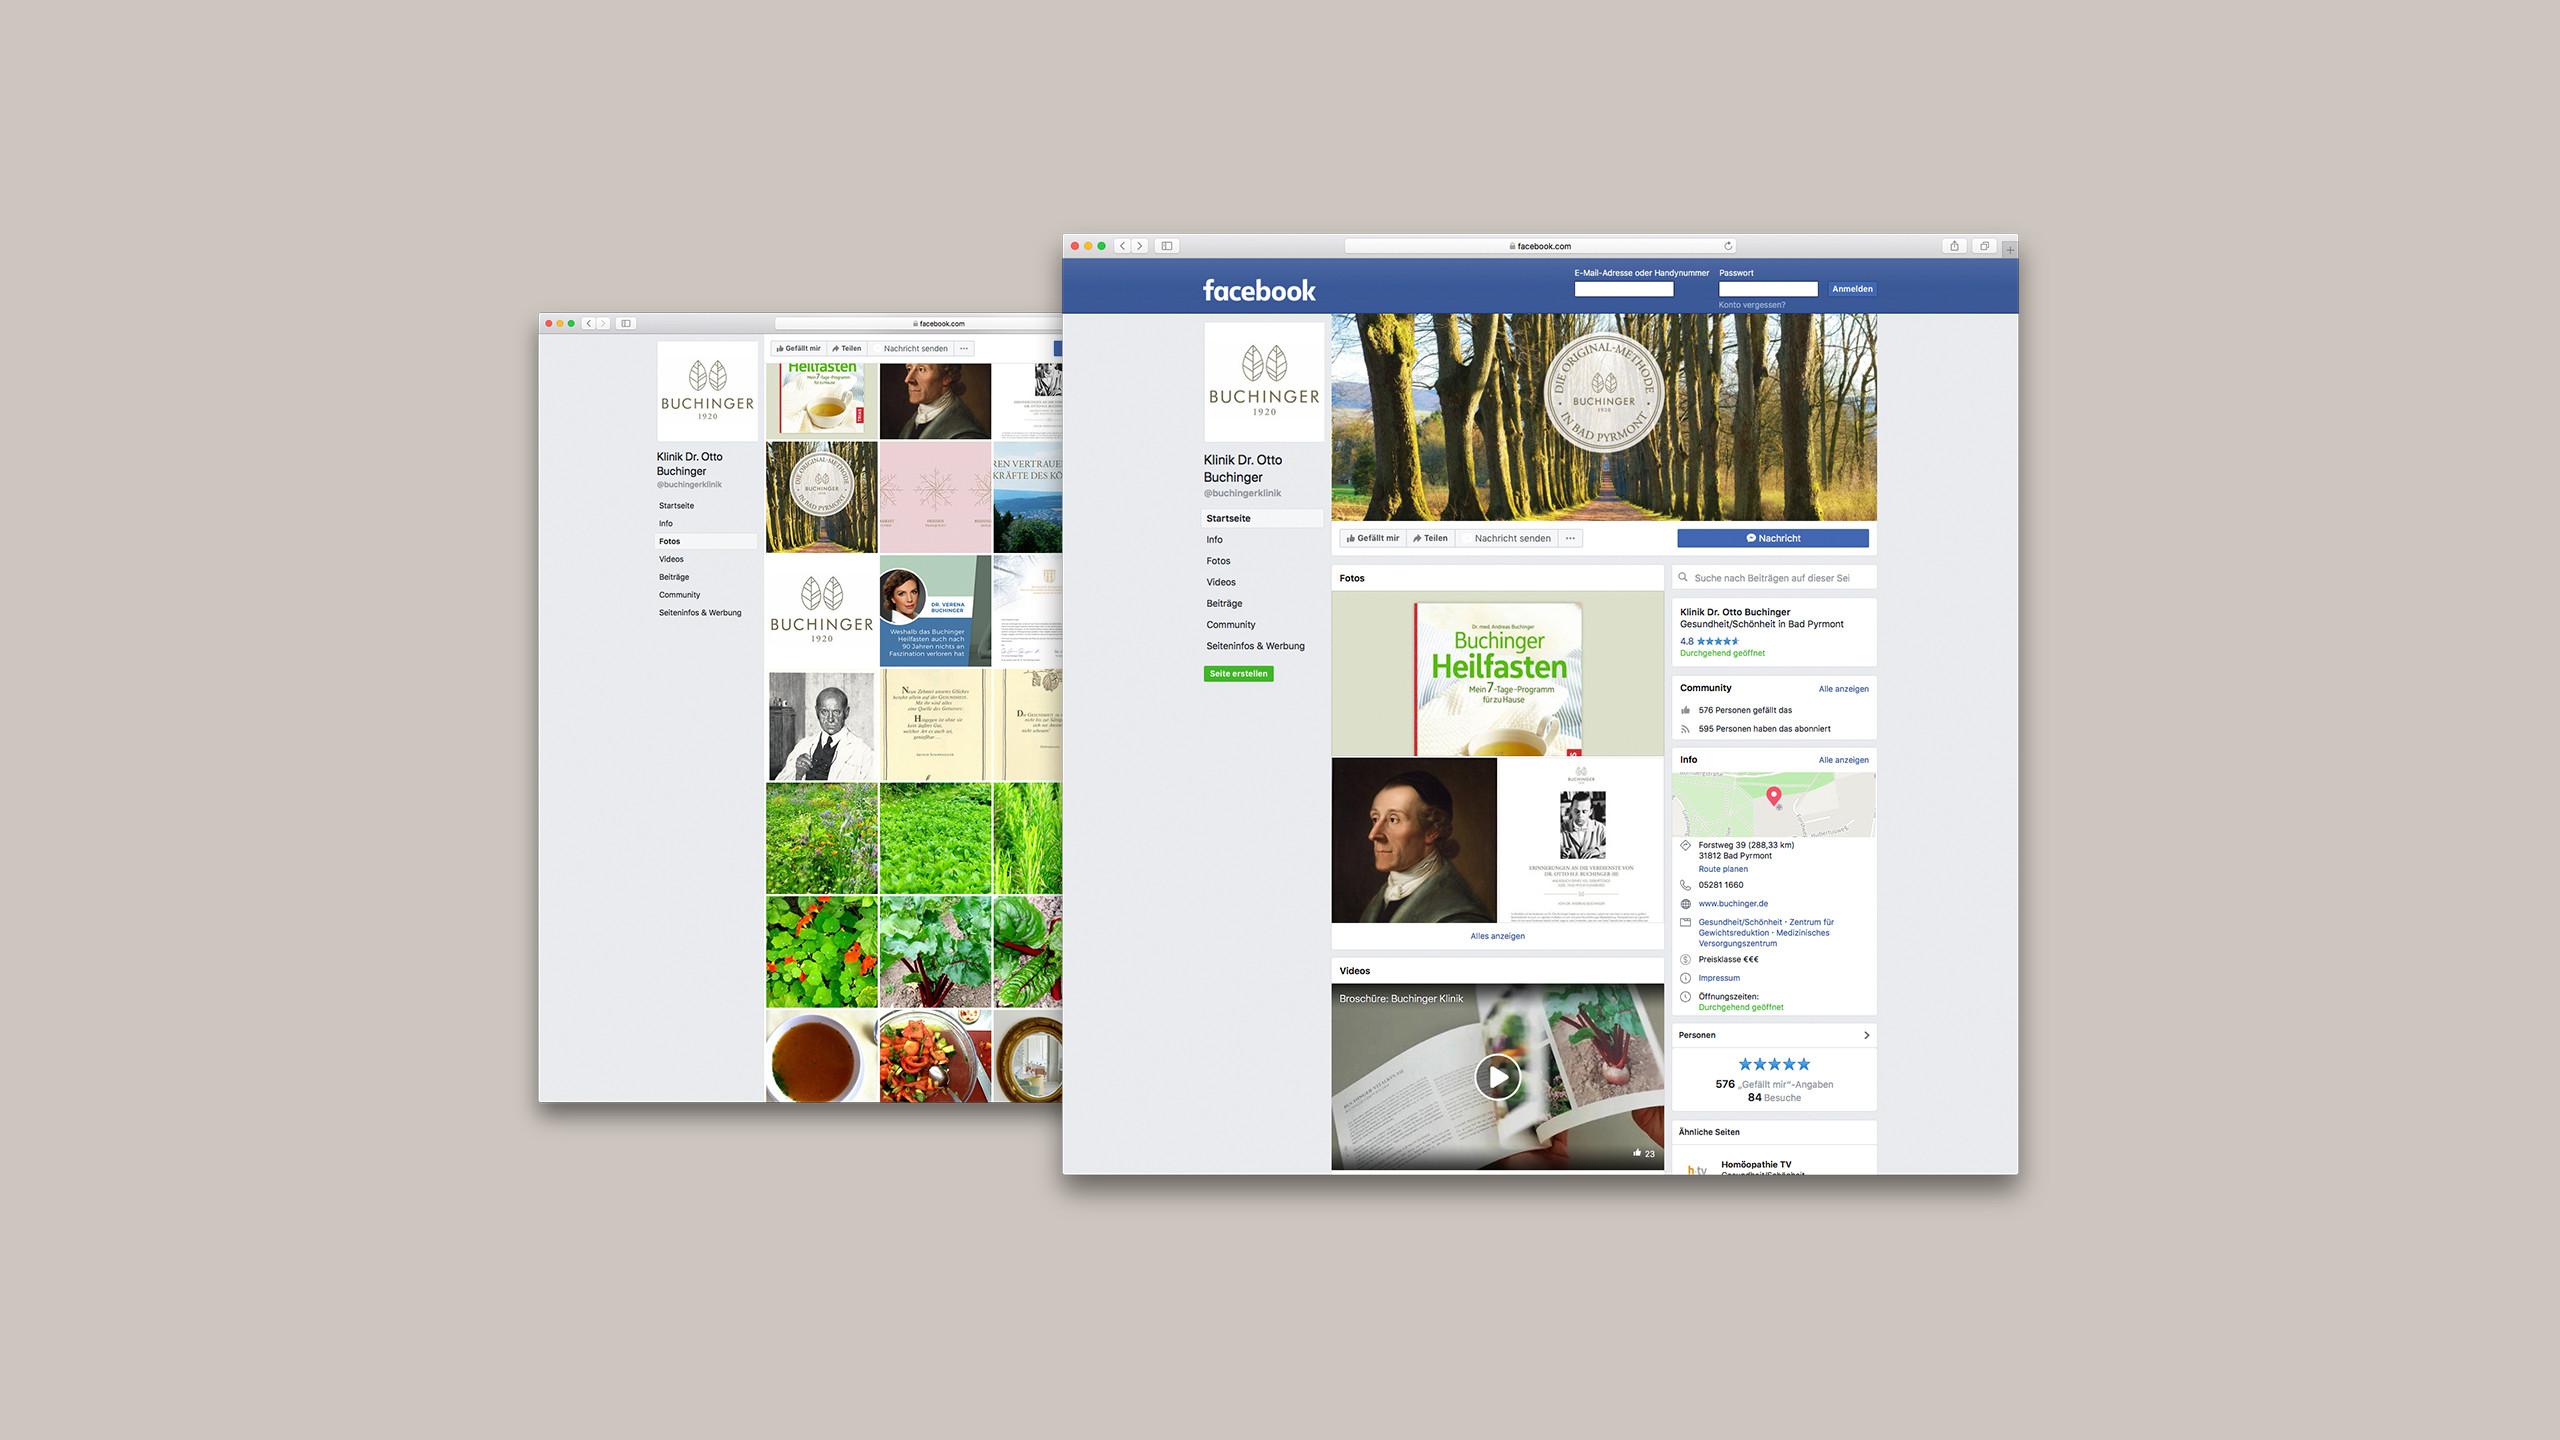 bk_social_media